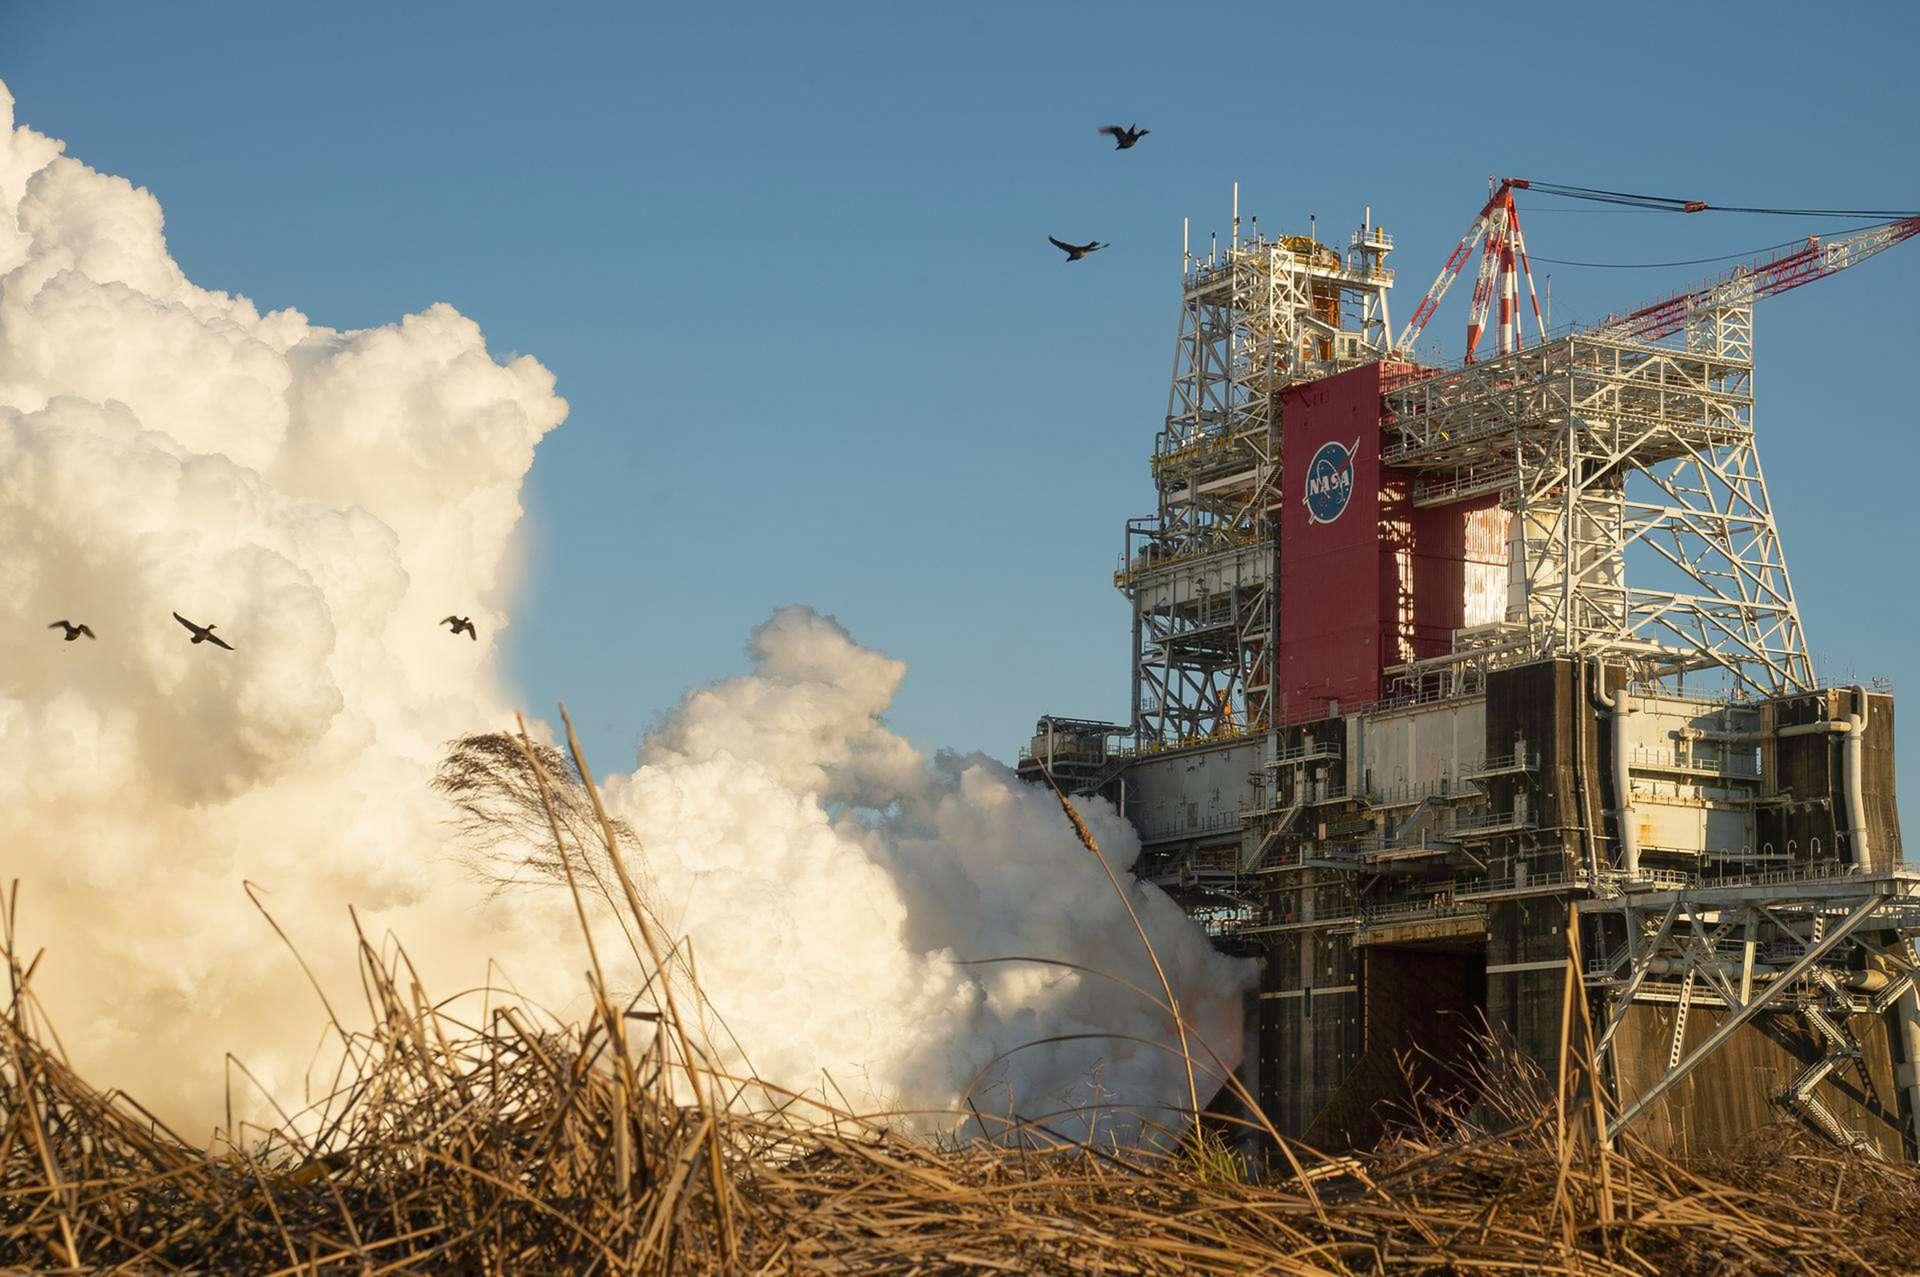 Essai des moteurs RS-25 du SLS dans le cadre du « Green Run » du lanceur. © Nasa